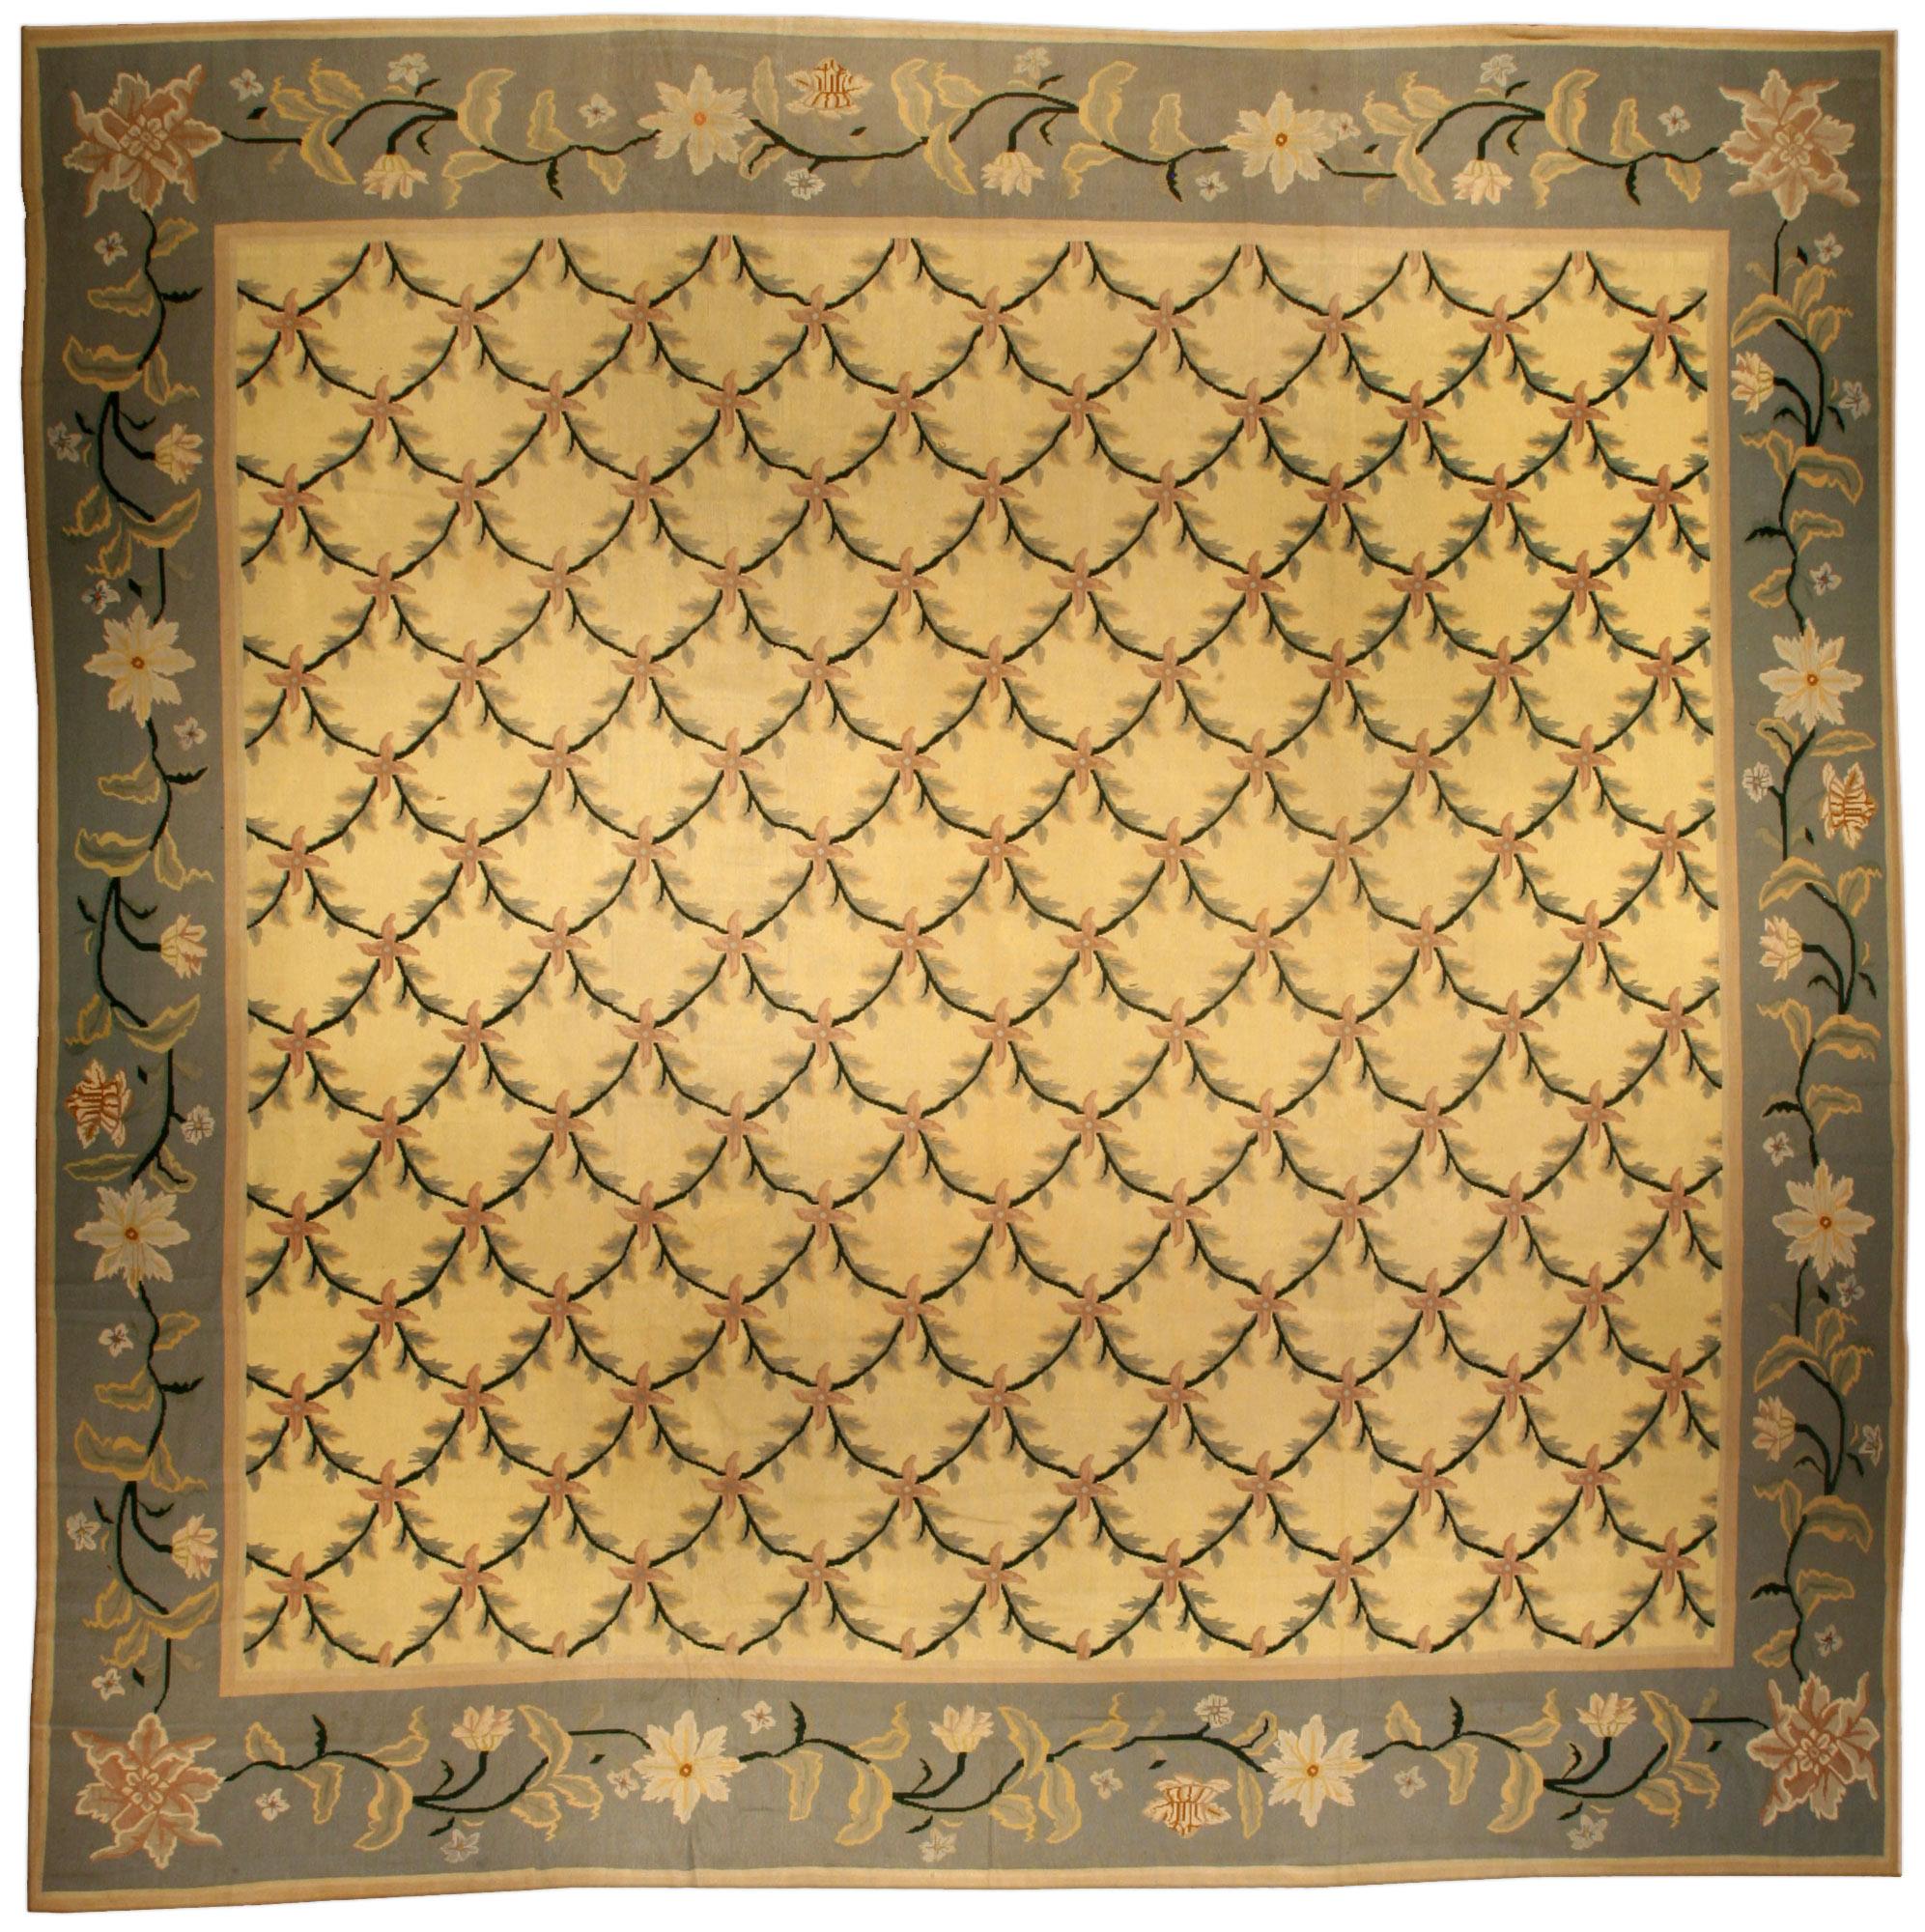 Antique Portuguese Needlepoint Carpet